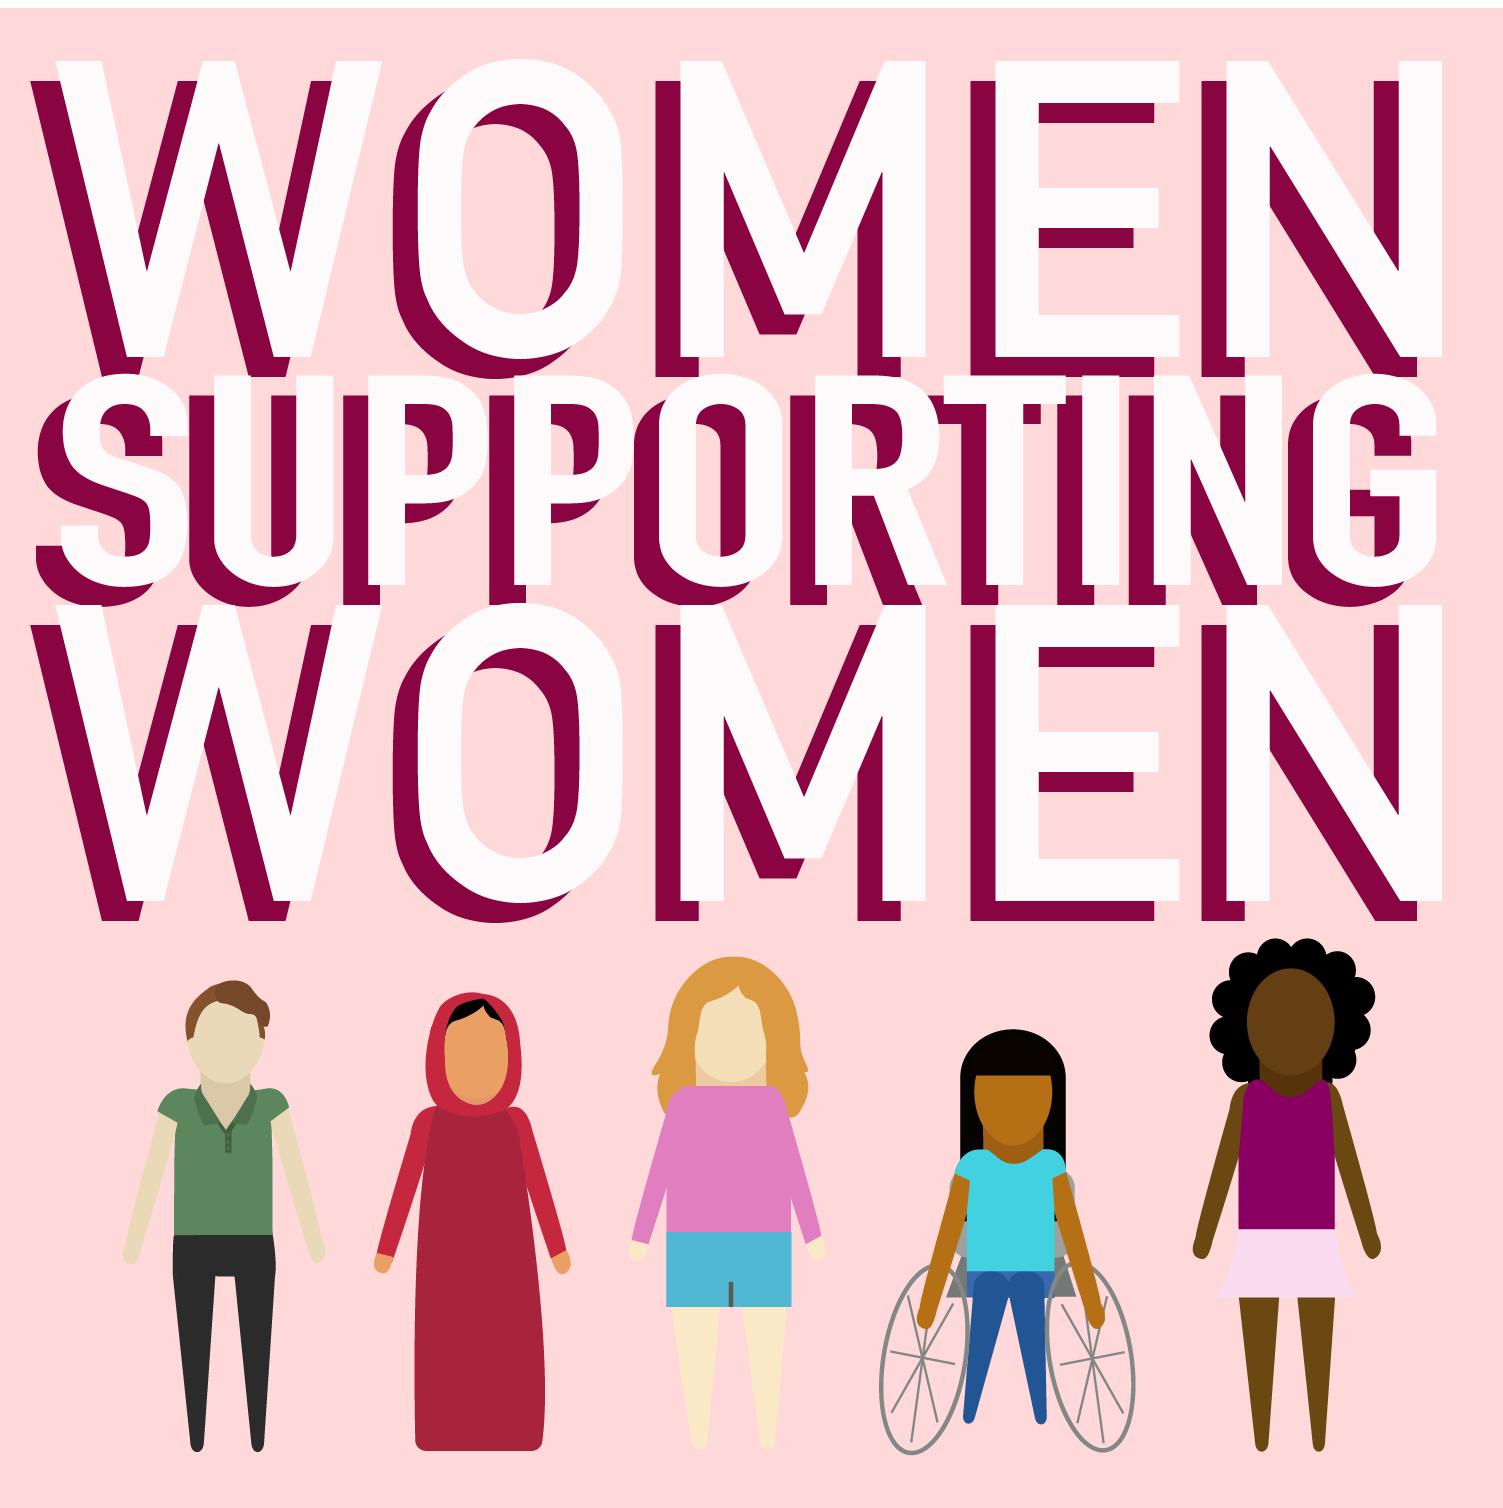 Women Supporting Women.